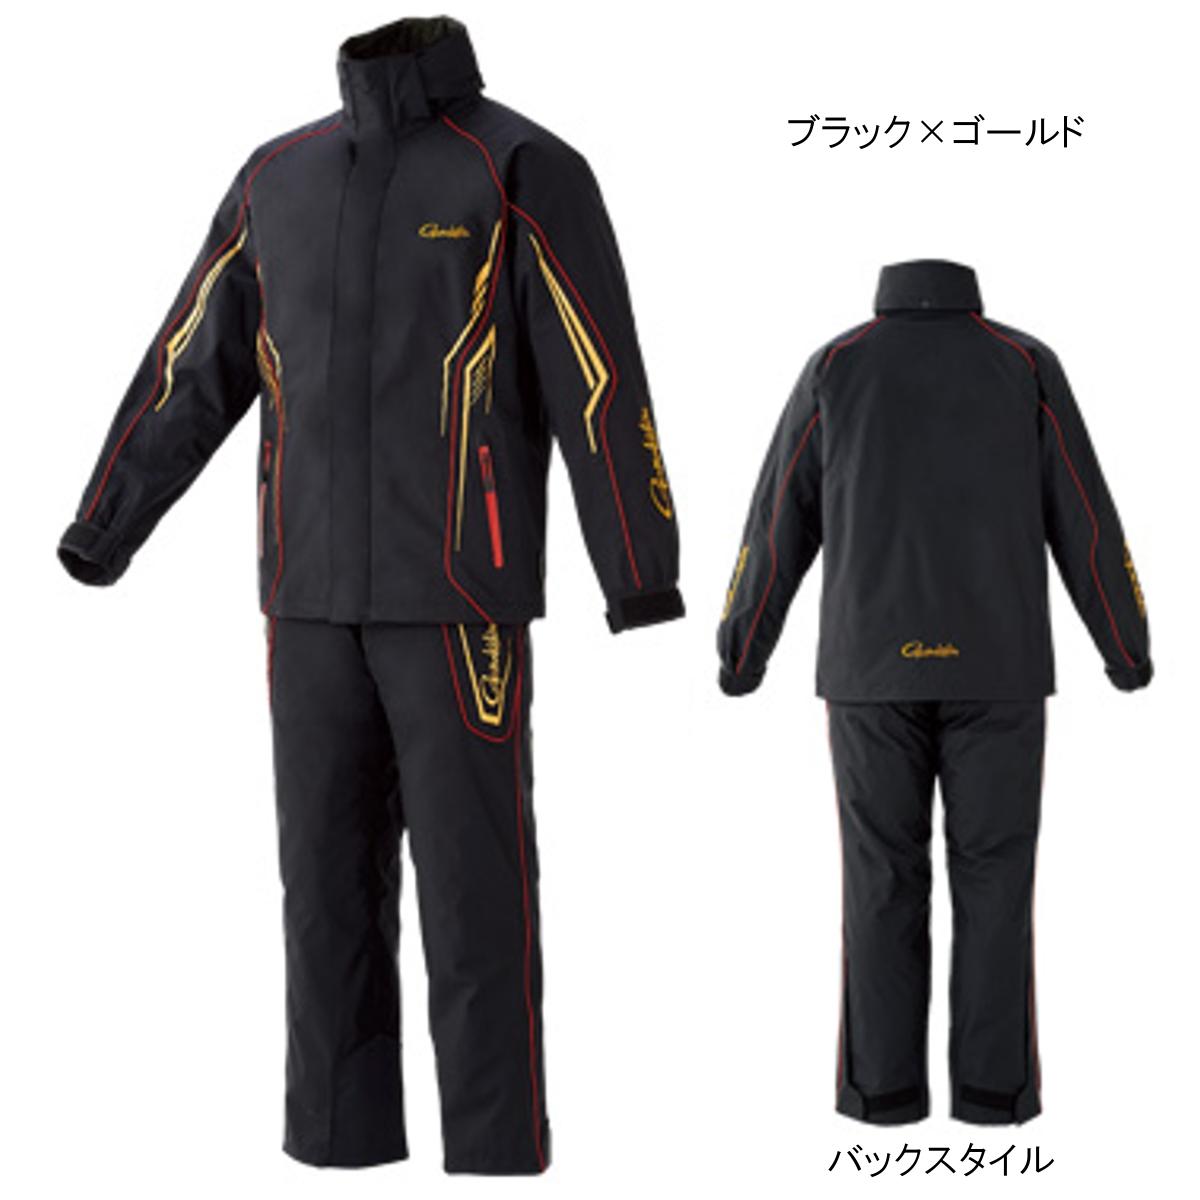 オールウェザースーツ GM-3525 L ブラック×ゴールド